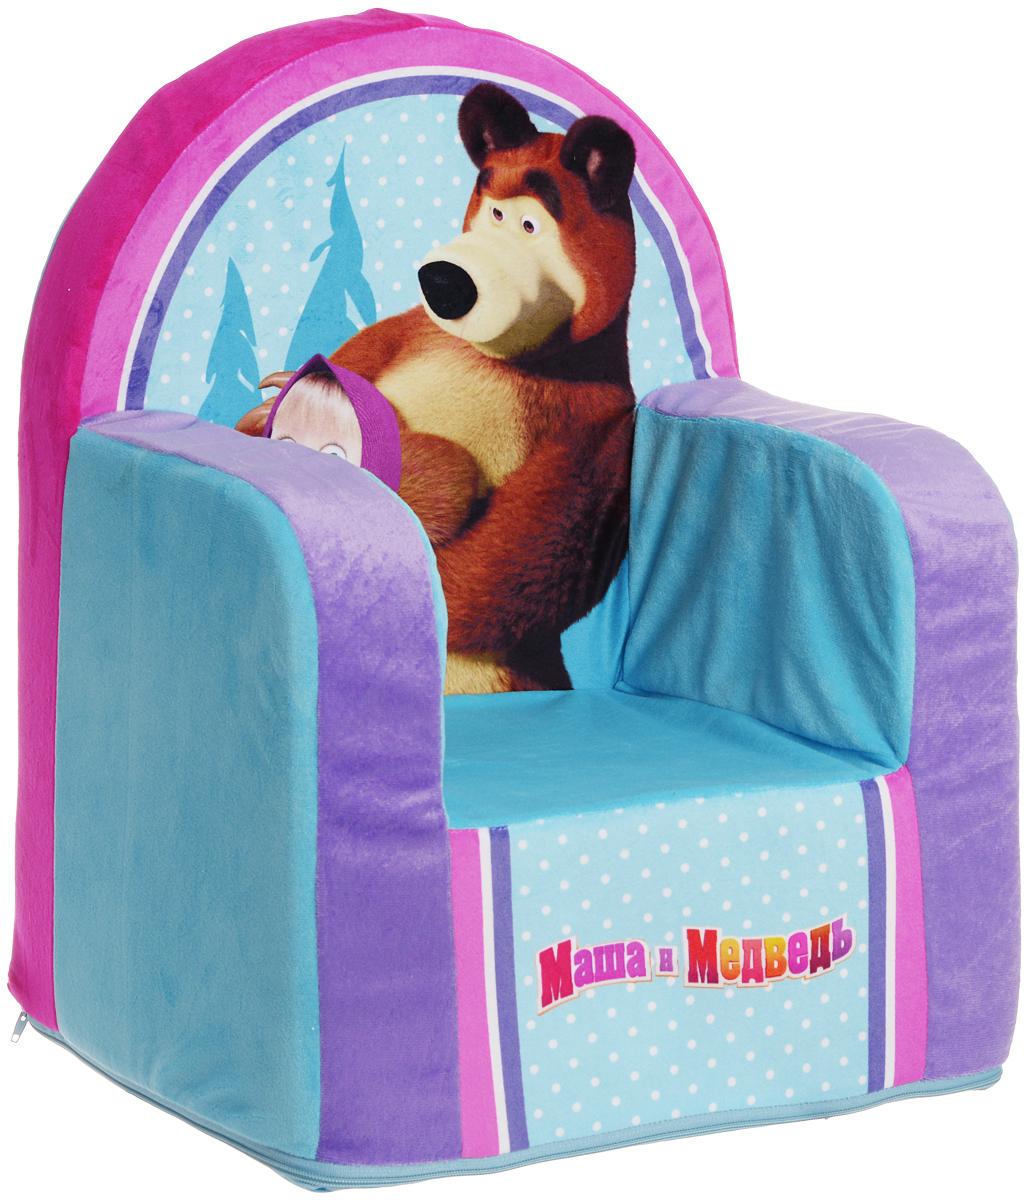 СмолТойс Мягкая игрушка Кресло Маша и Медведь цвет голубой 54 см2021/ГЛ-2/53Мягкая игрушка СмолТойс Кресло Маша и Медведь отлично украсит любую детскую!Особенно оно понравится тем малышам, которые обожают мультфильмы про Машу и Медведя. Кресло имеет яркую окраску и практичный съемный чехол, который при необходимости вы сможете постирать. На кресле изображены главные персонажи мультика, выполнено оно в нежных тонах, поэтому впишется в любой интерьер детской комнаты. Чехол изготовлен из материала очень приятного на ощупь.Кресло создано из нетоксичных и качественных материалов, которые прошли проверку на безопасность для детей.